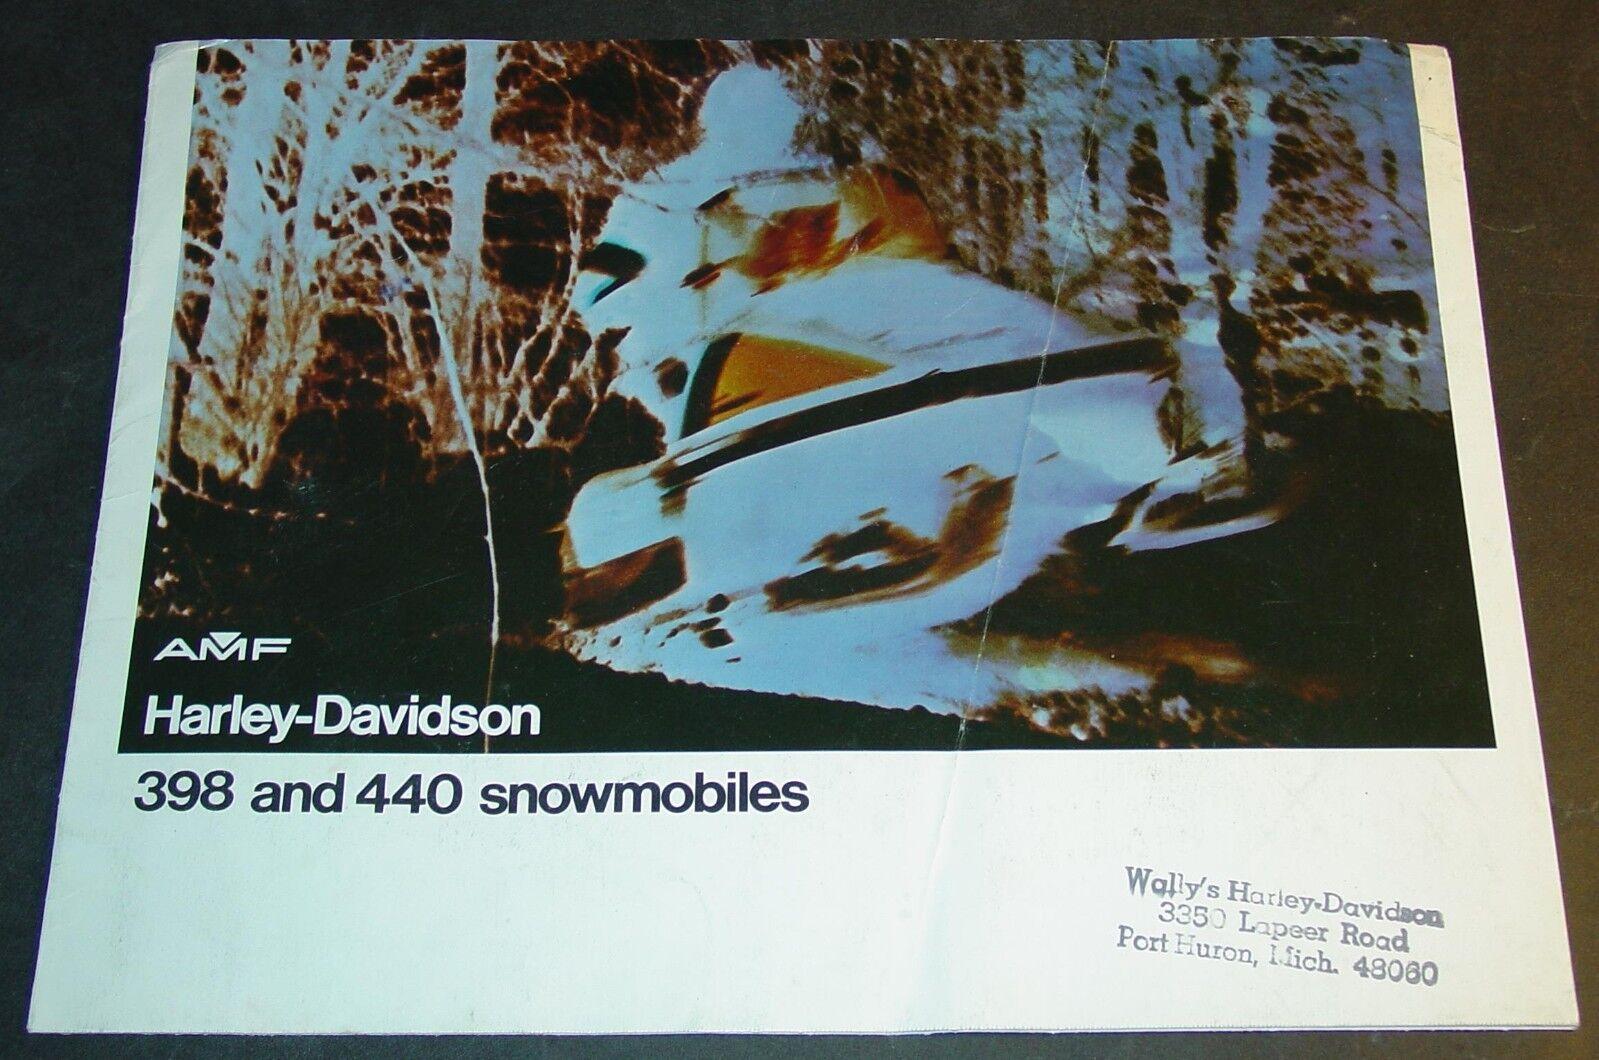 1974 AMF HARLEY-DAVIDSON SNOWMOBILE BROCHURE NICE 4 PG  (468)